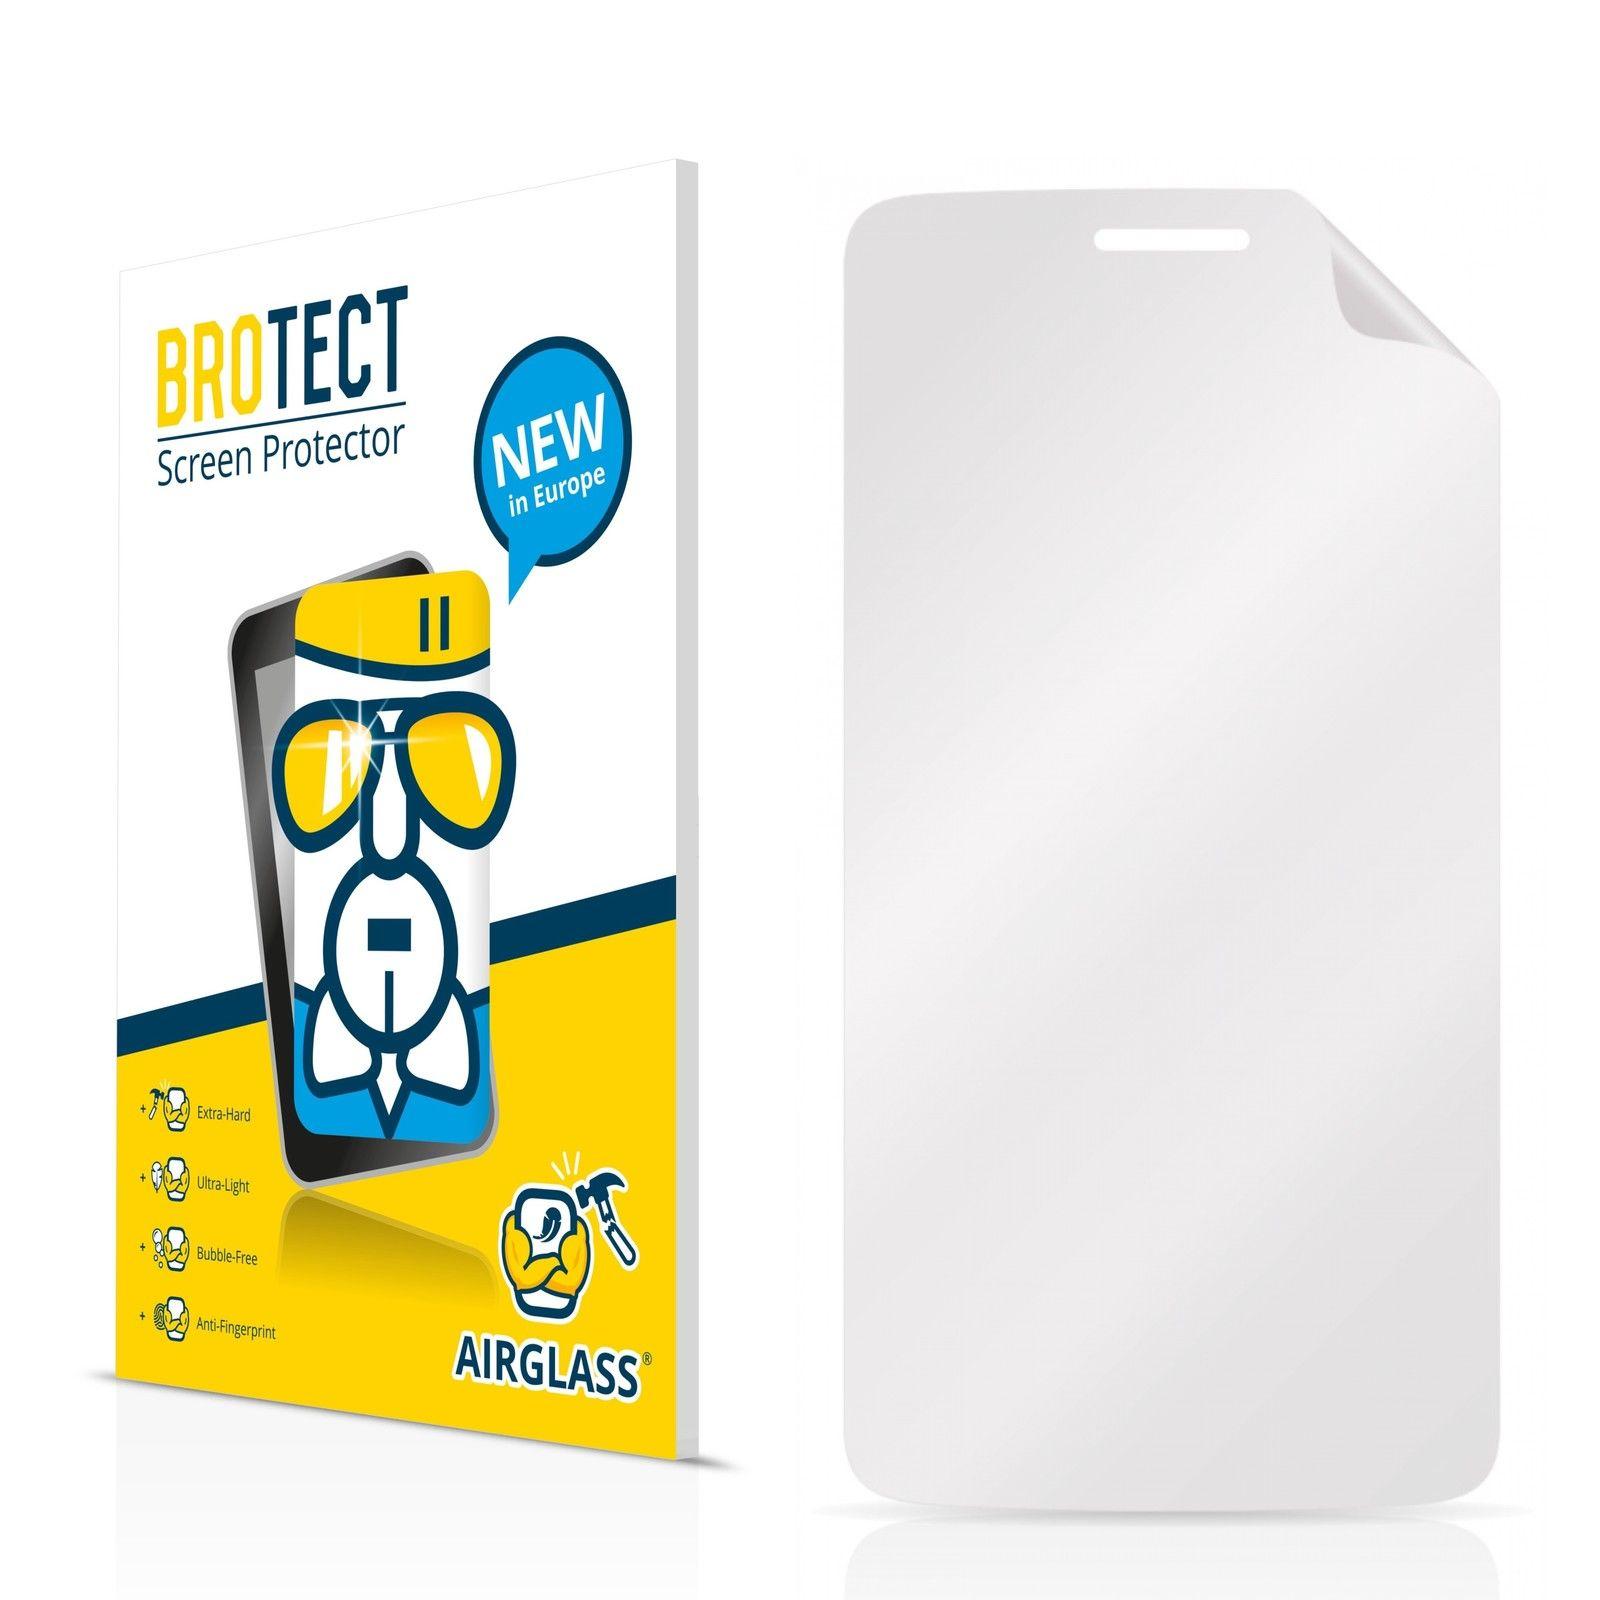 Extra tvrzená ochranná fólie (tvrzené sklo) AirGlass Brotec na LCD pro Prestigio MultiPhone 3501 DUO